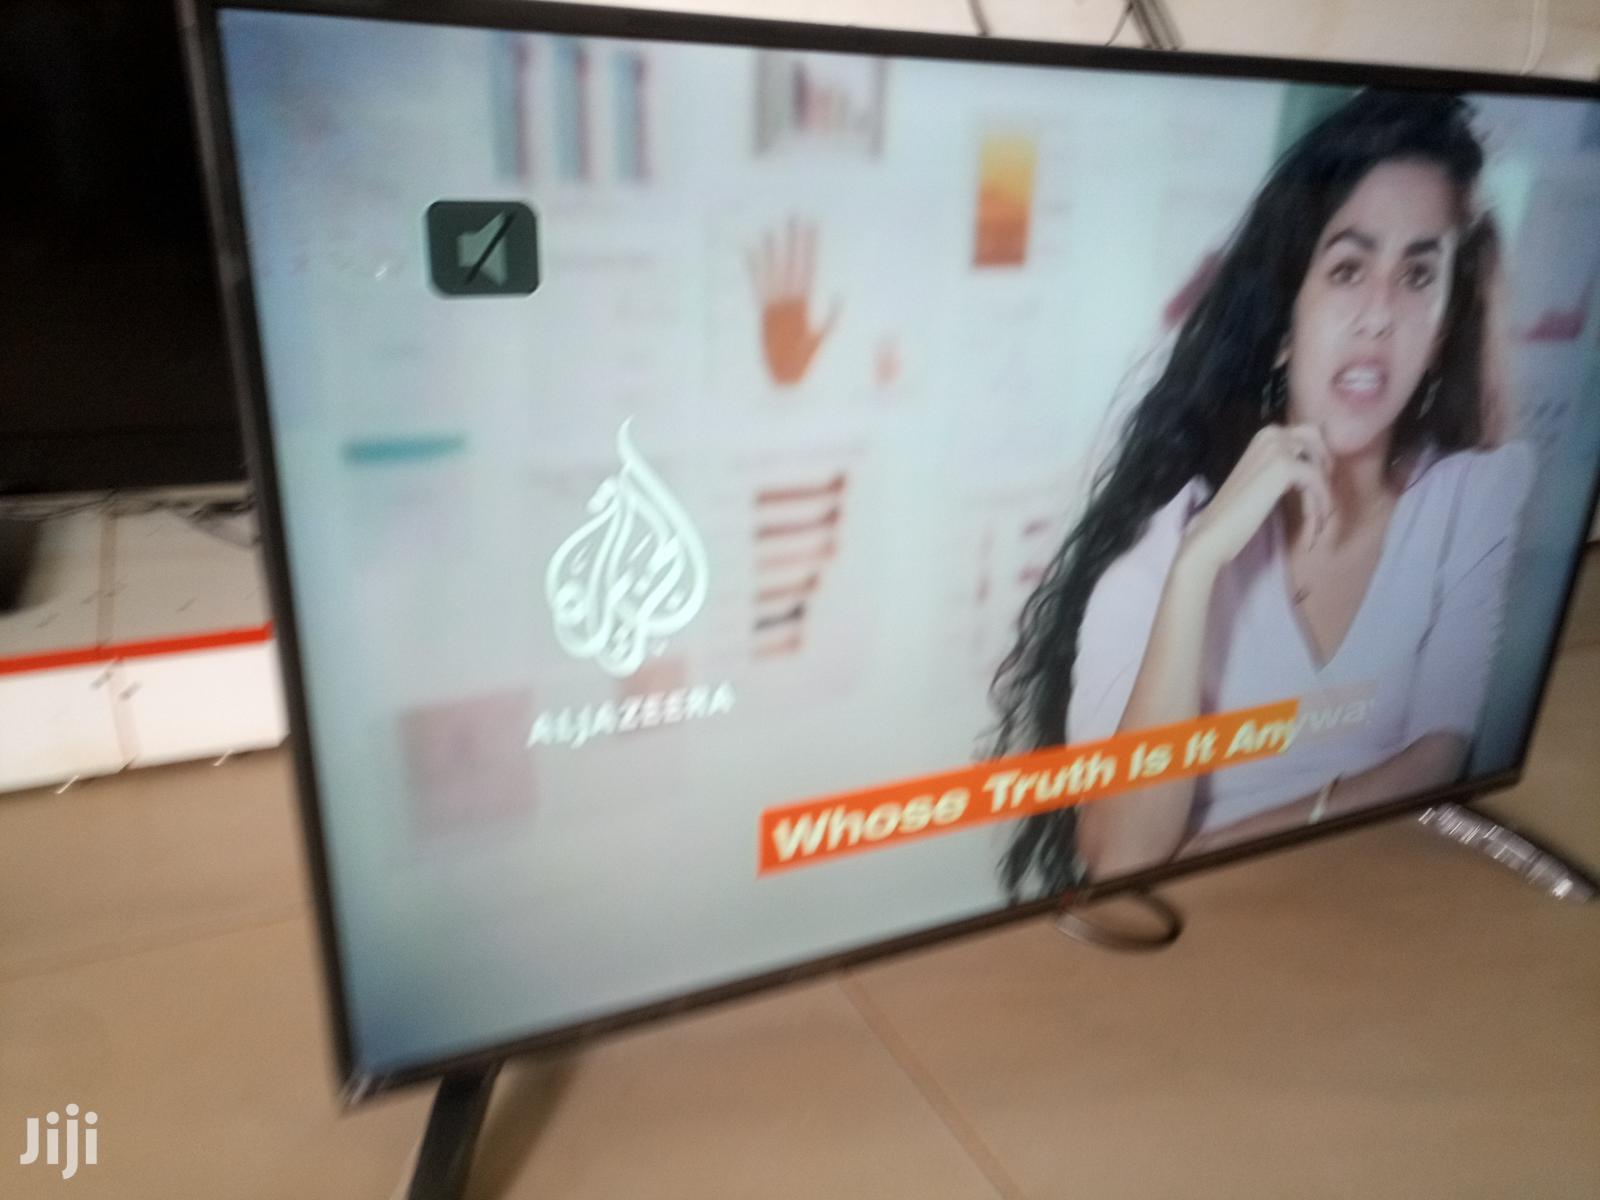 LG LED Flat Screen Digital TV 43 Inches